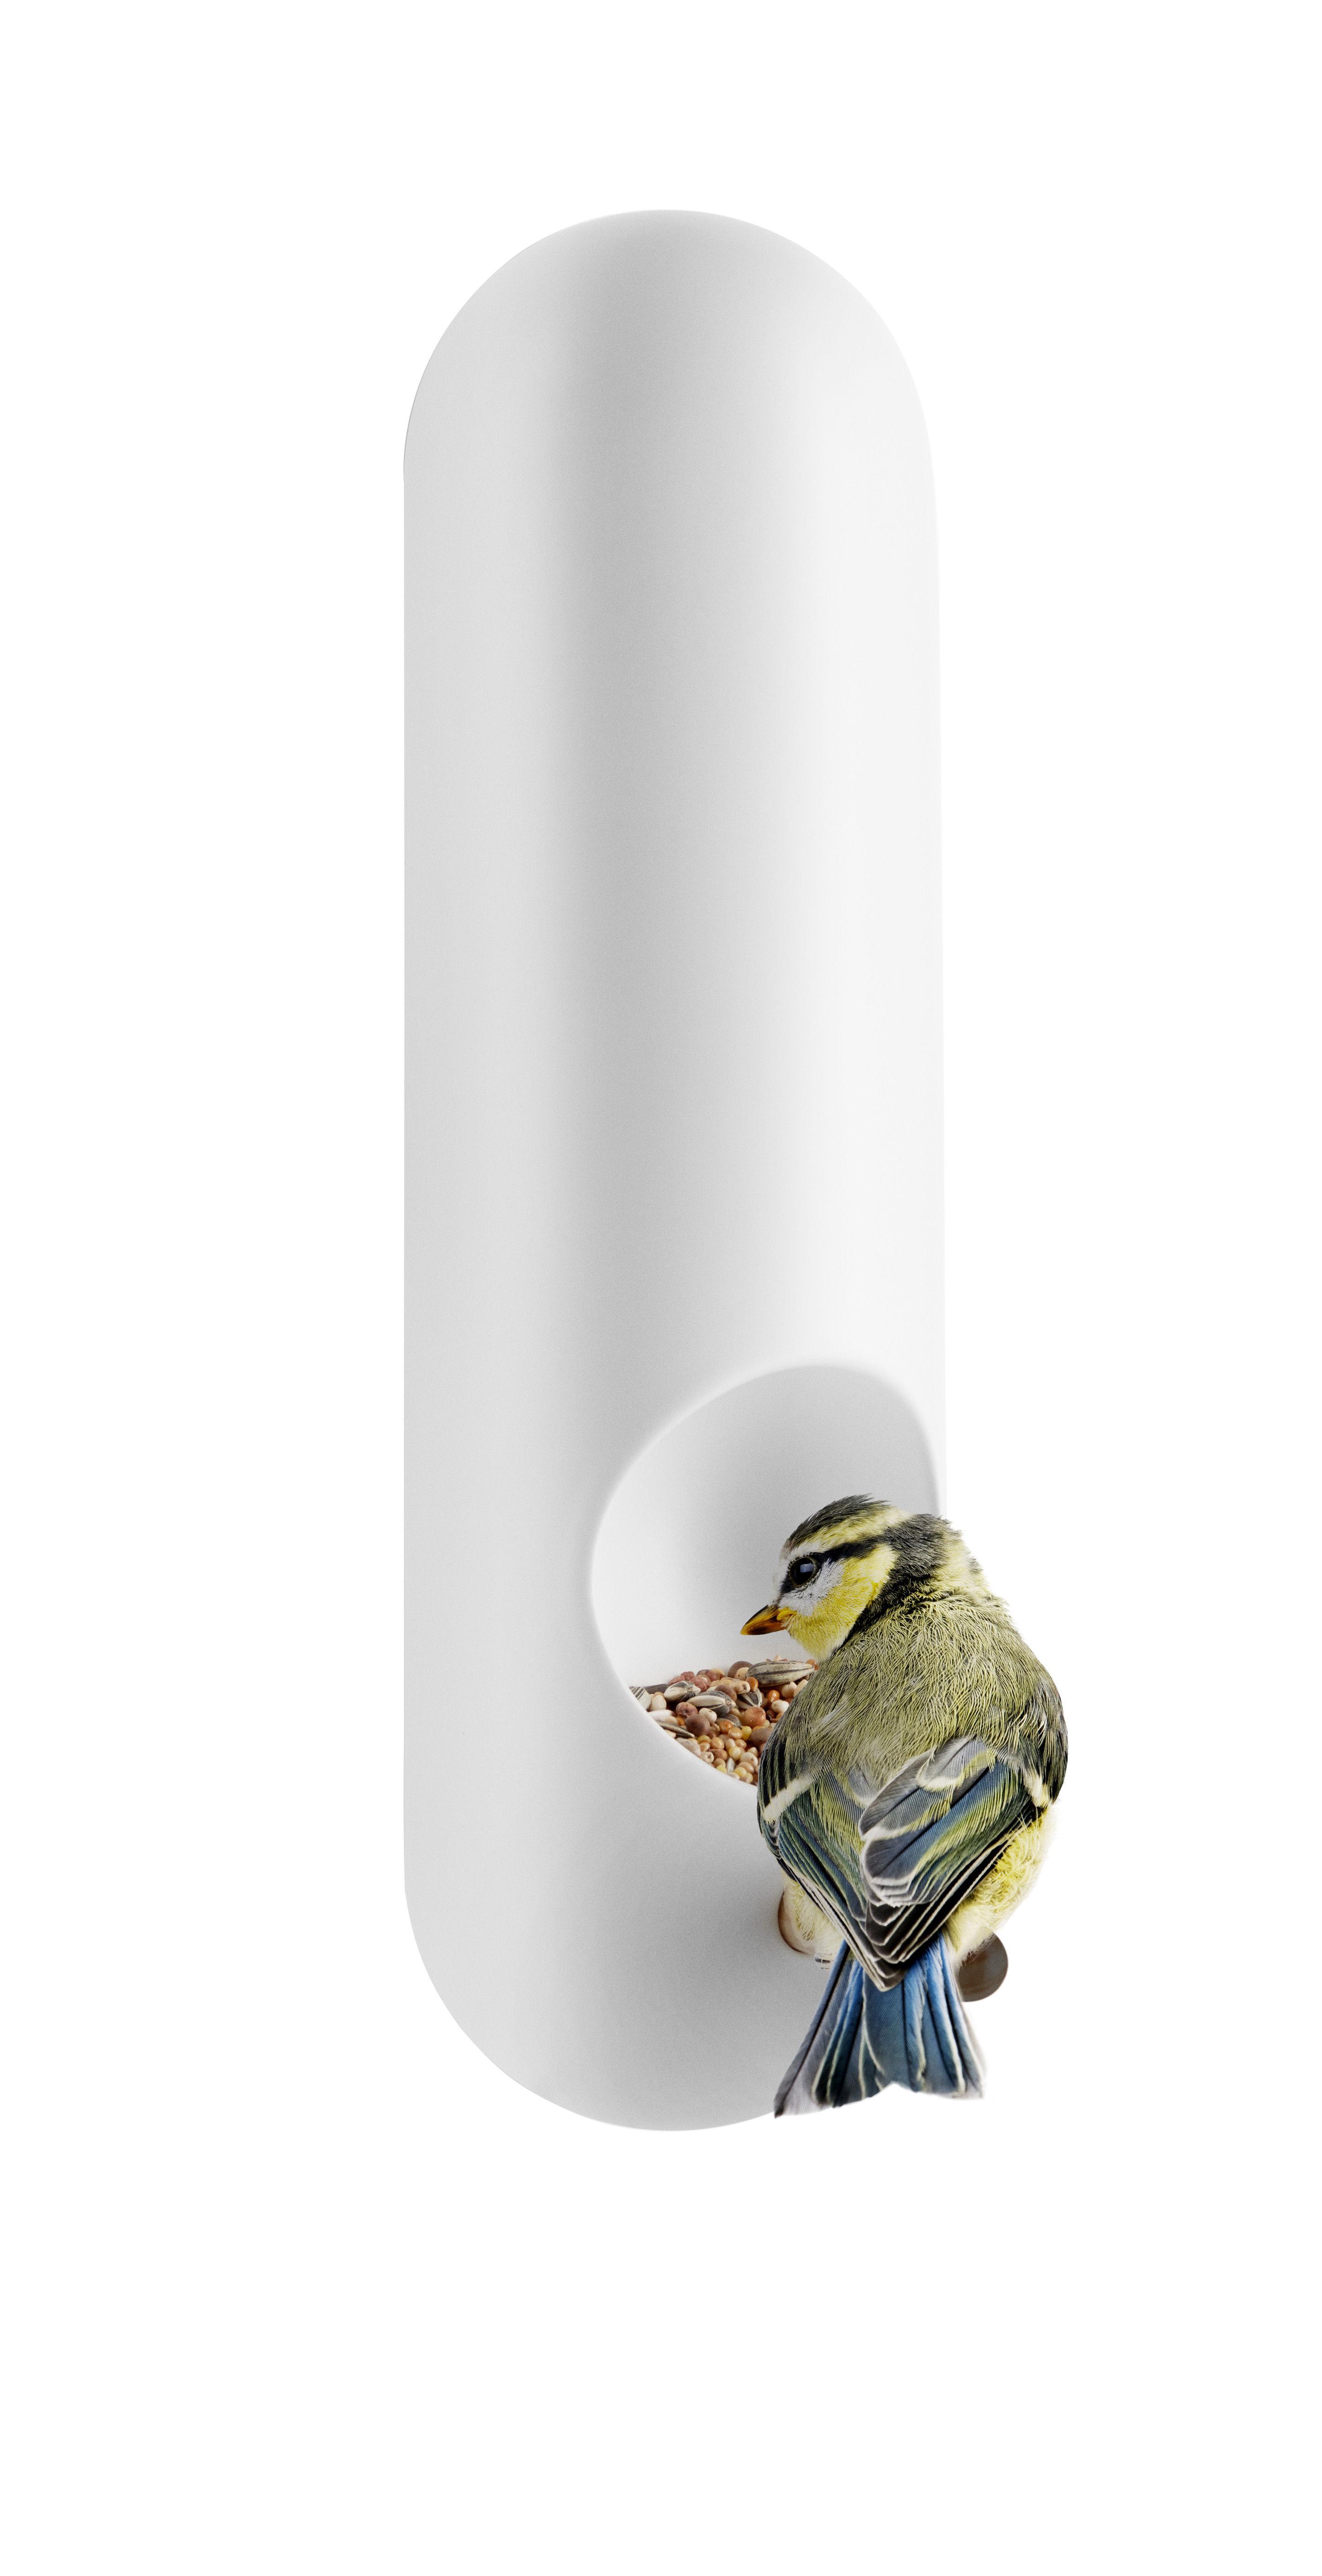 Outdoor - Deko-Accessoires für den Garten - Futterstelle für Vögel Futterröhre / Wandbefestigung - Eva Solo - Weiß - Eiche, Keramik